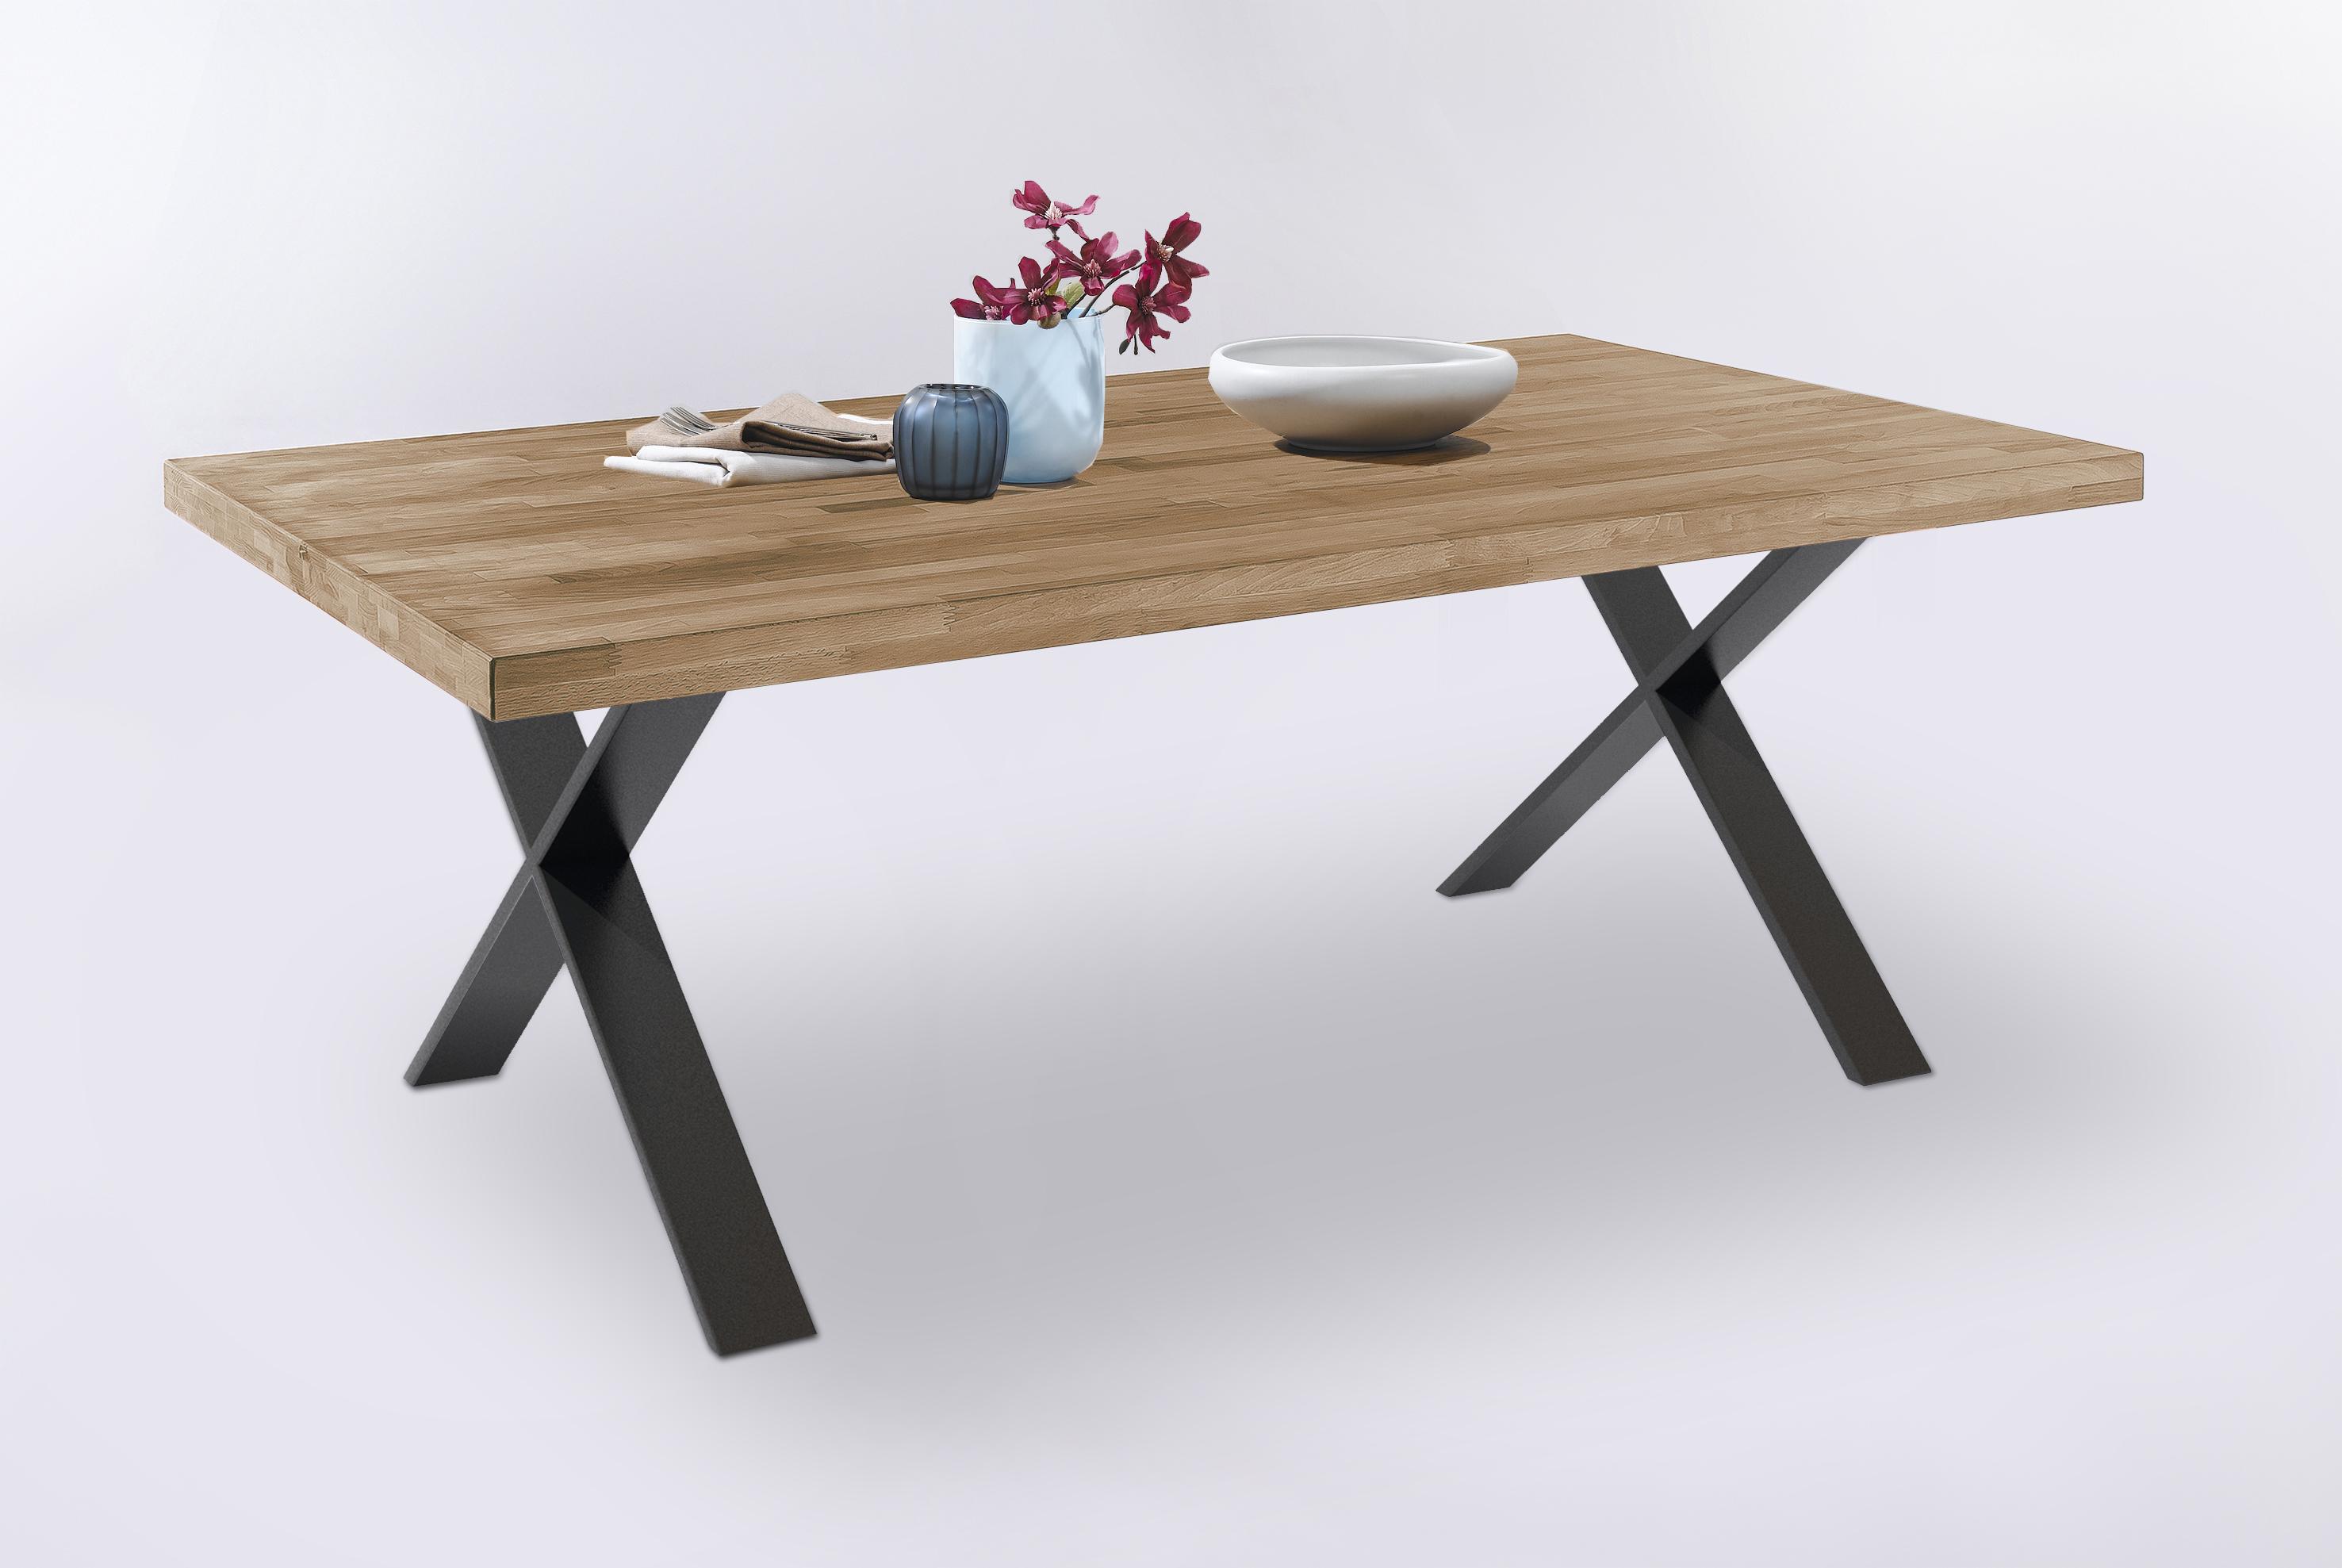 system esstisch massiv 100x160 tim von elfo m bel kernbuche ge lt. Black Bedroom Furniture Sets. Home Design Ideas